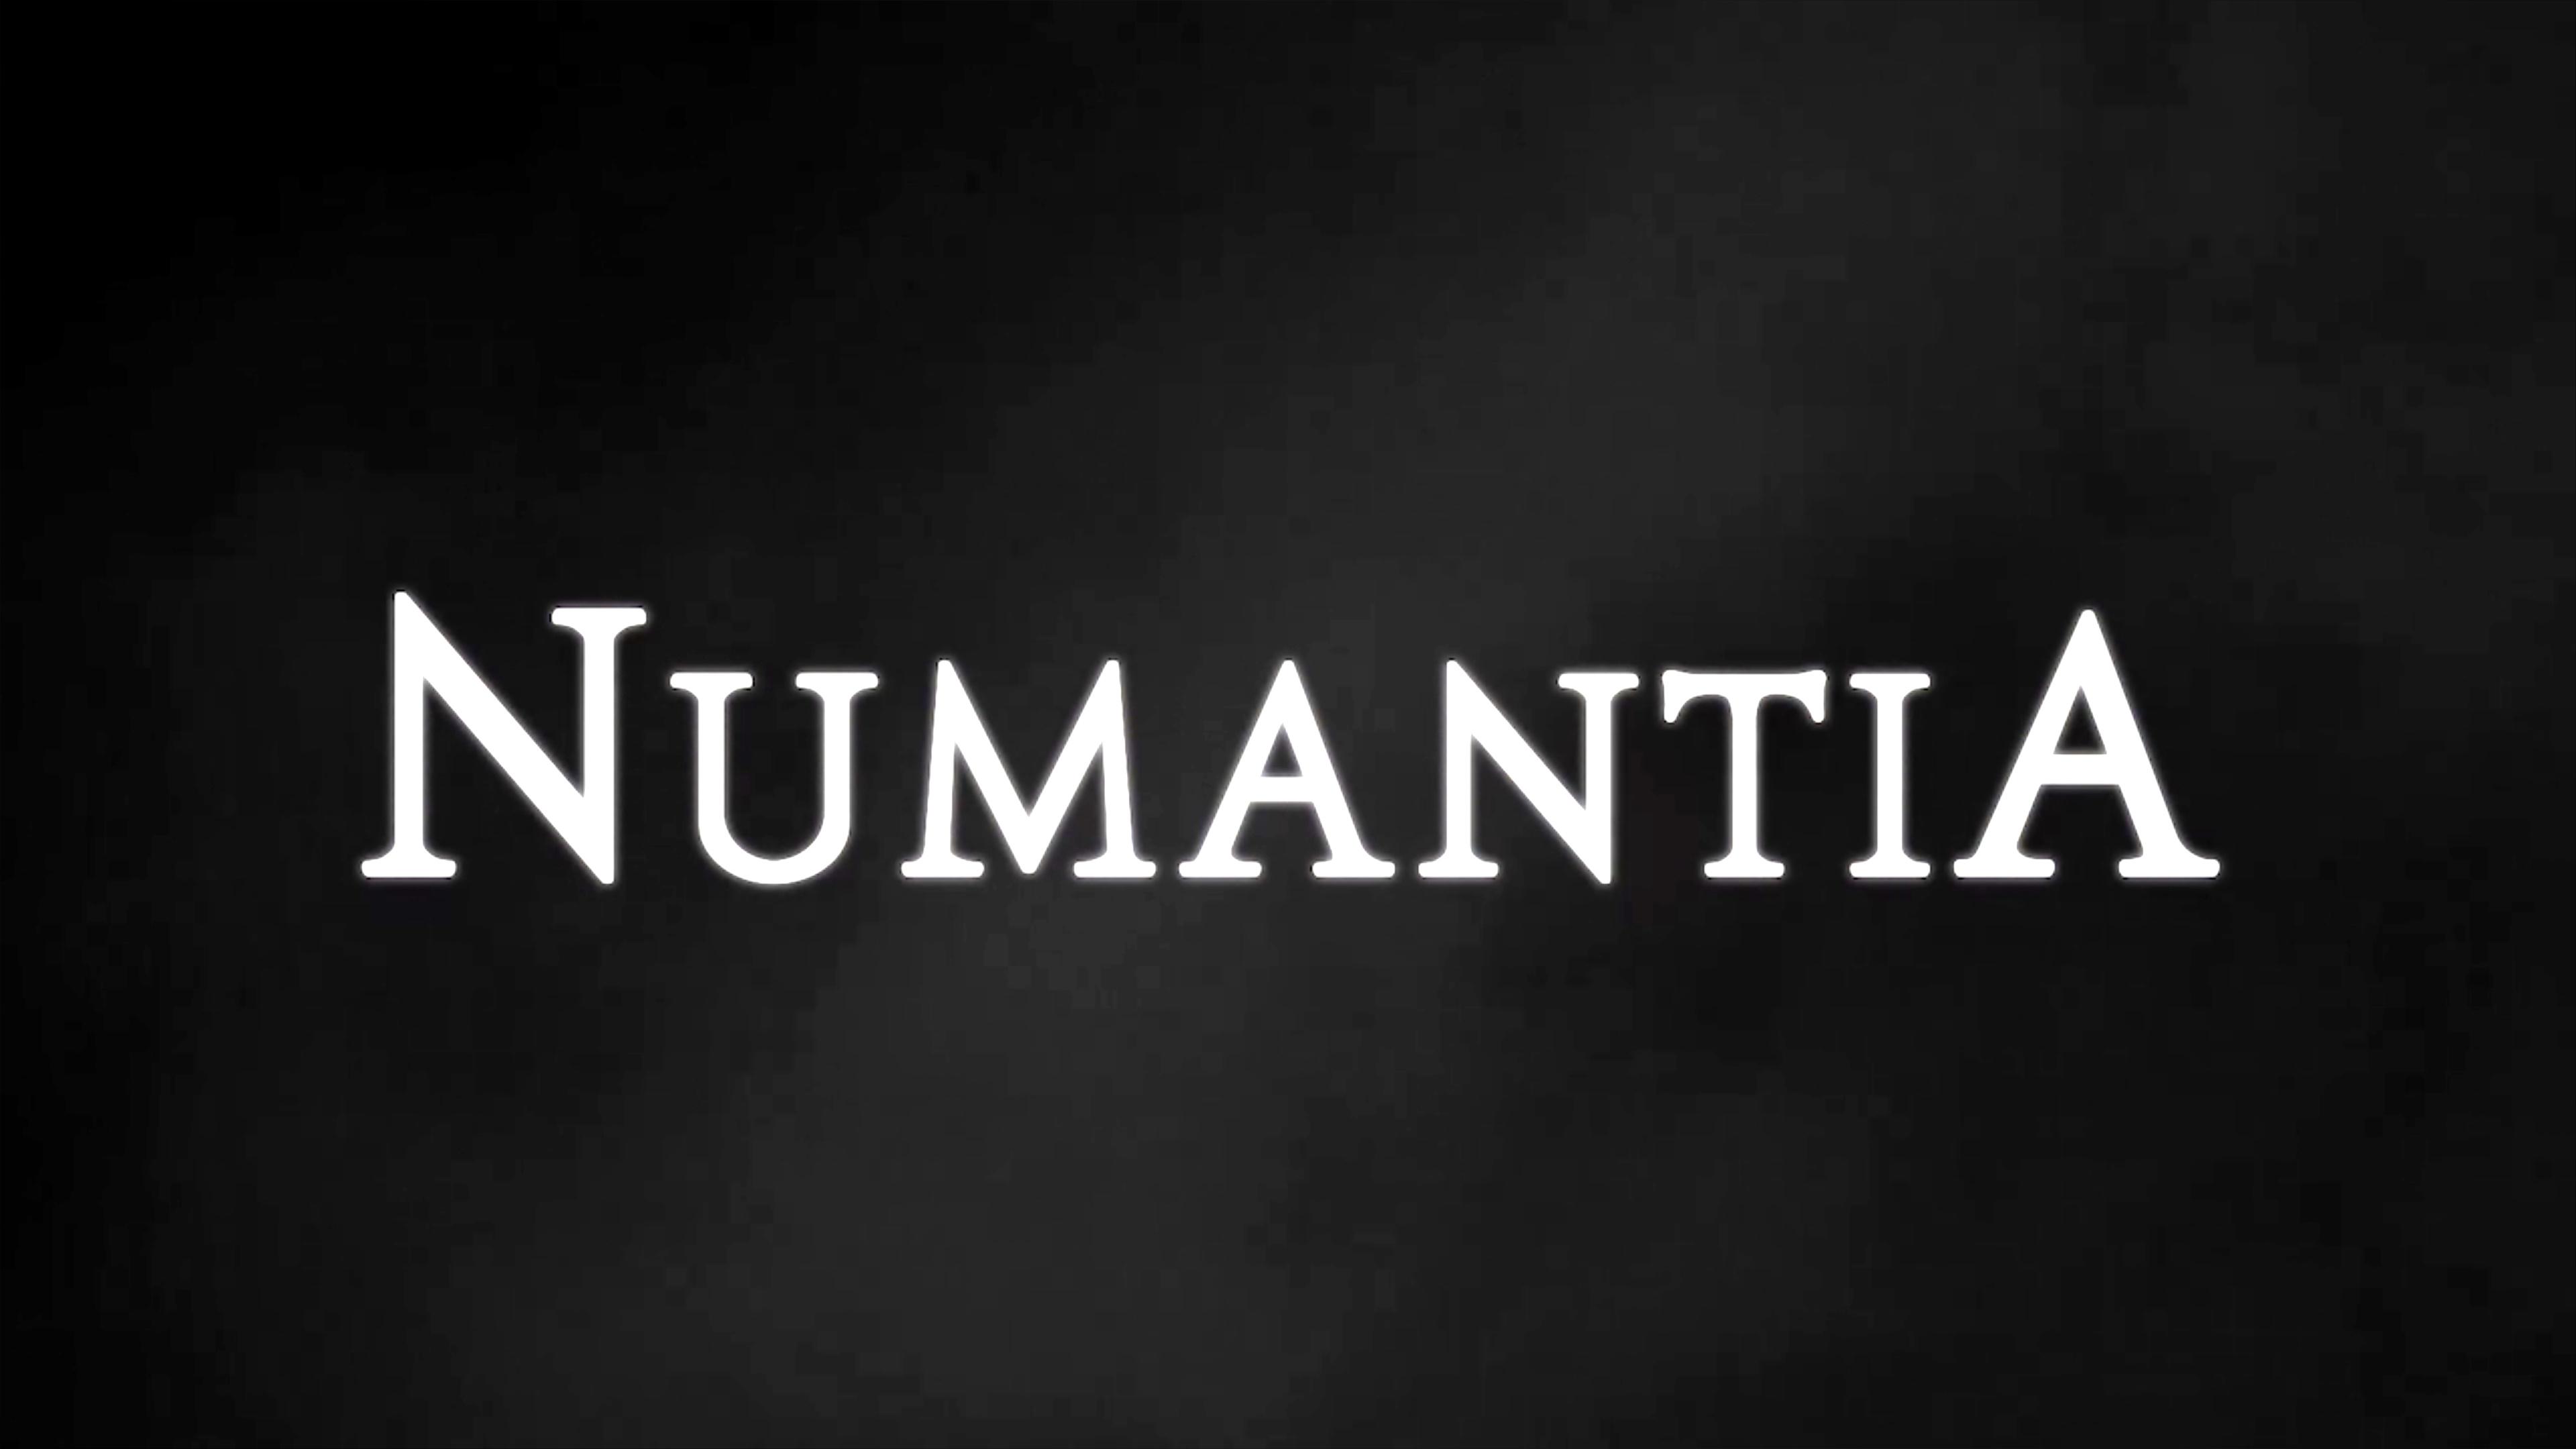 Обзор не найденной игры (ч.88) Numantia. - Изображение 1